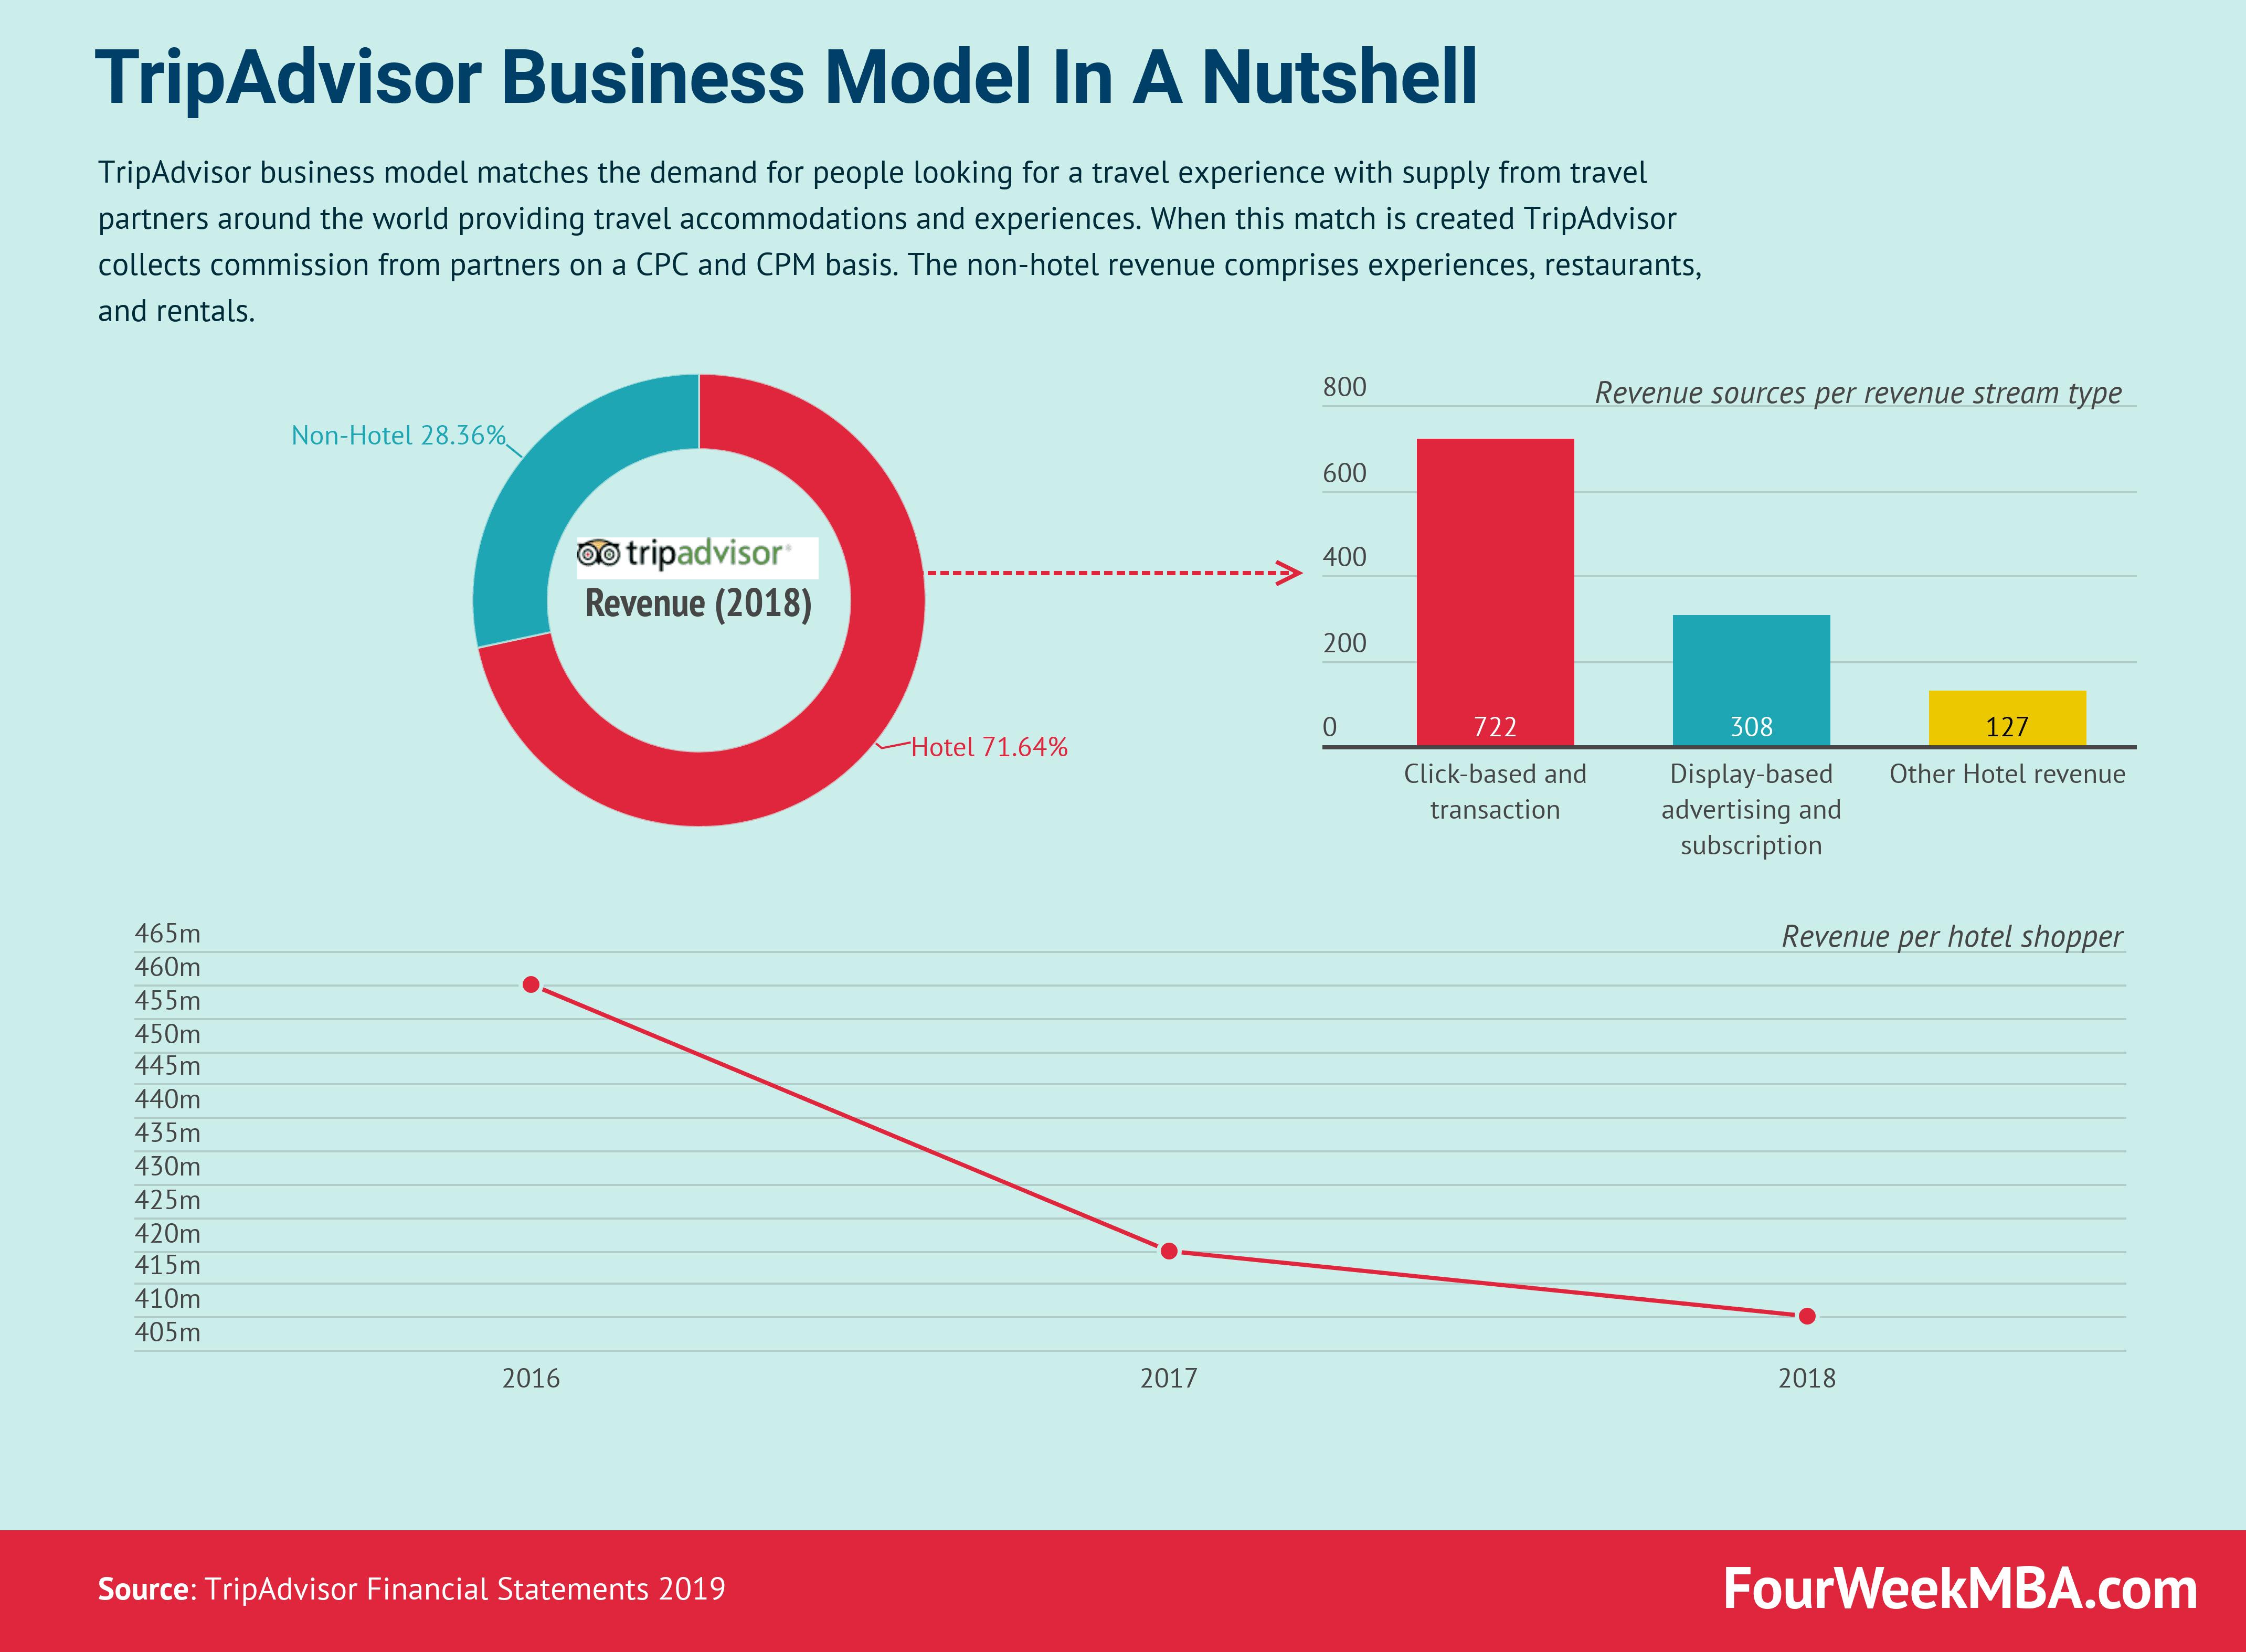 tripadvisor-business-model